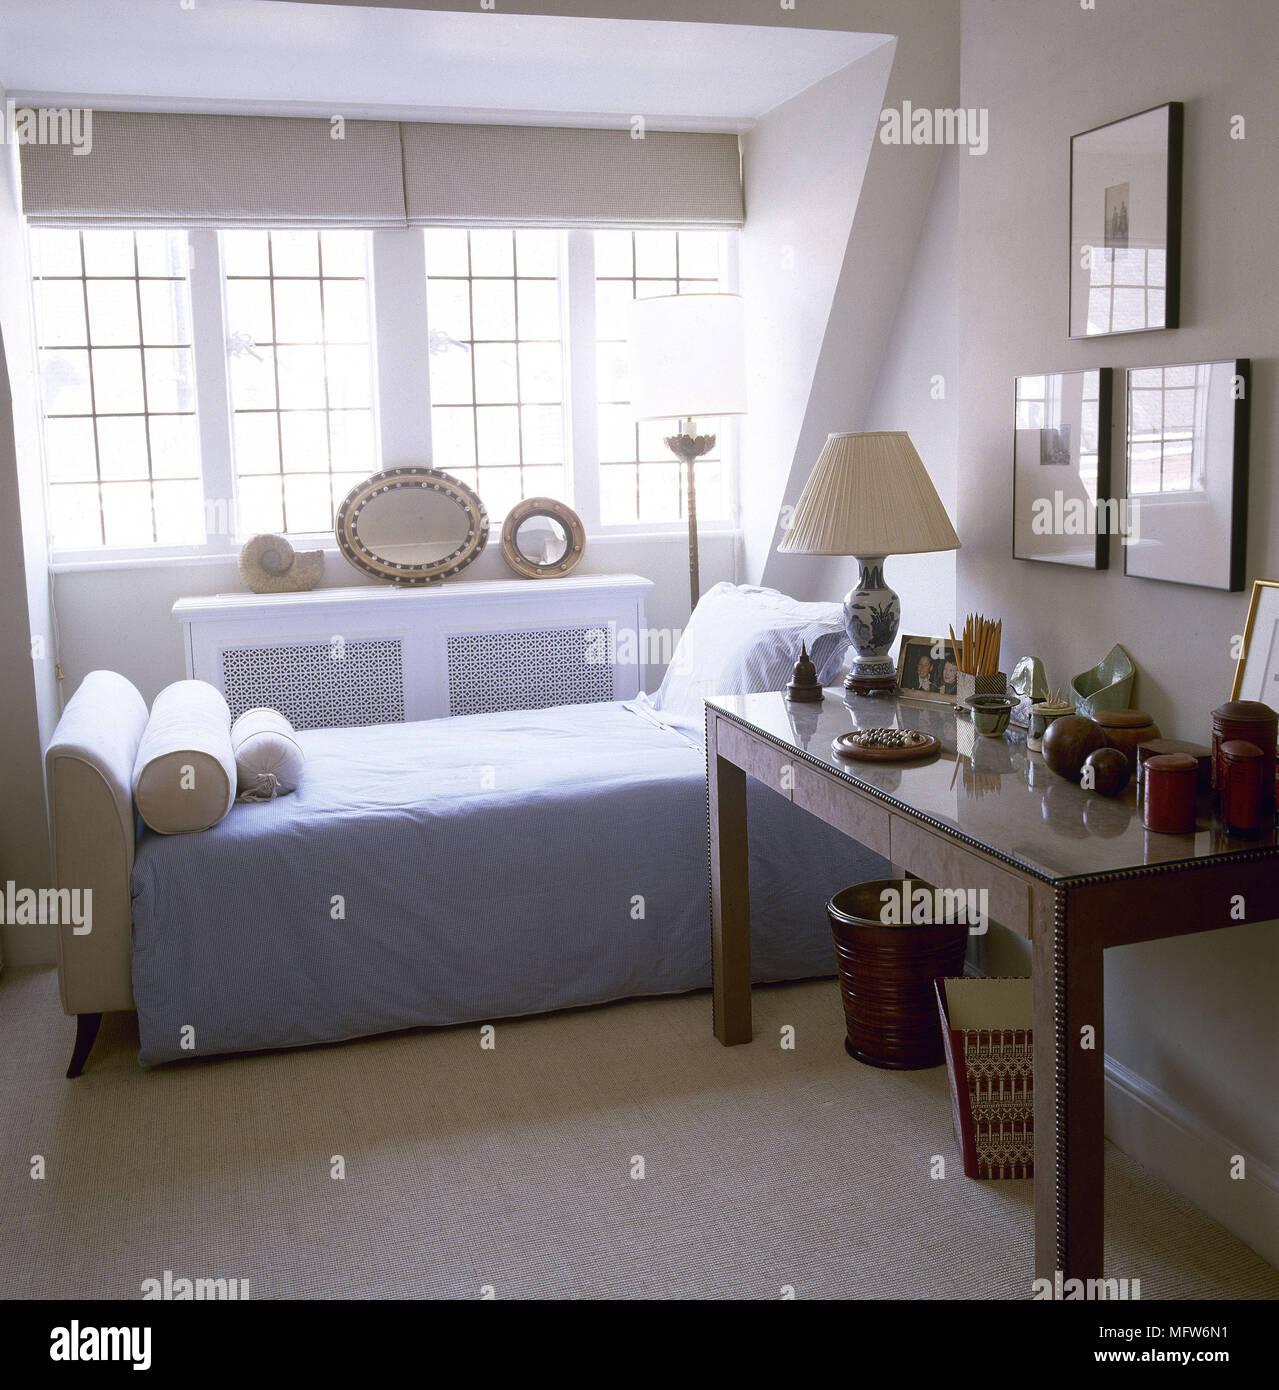 Letto imbottito e toeletta e finestra con tenda a pacchetto in camera da letto foto immagine - Tenda camera da letto ...